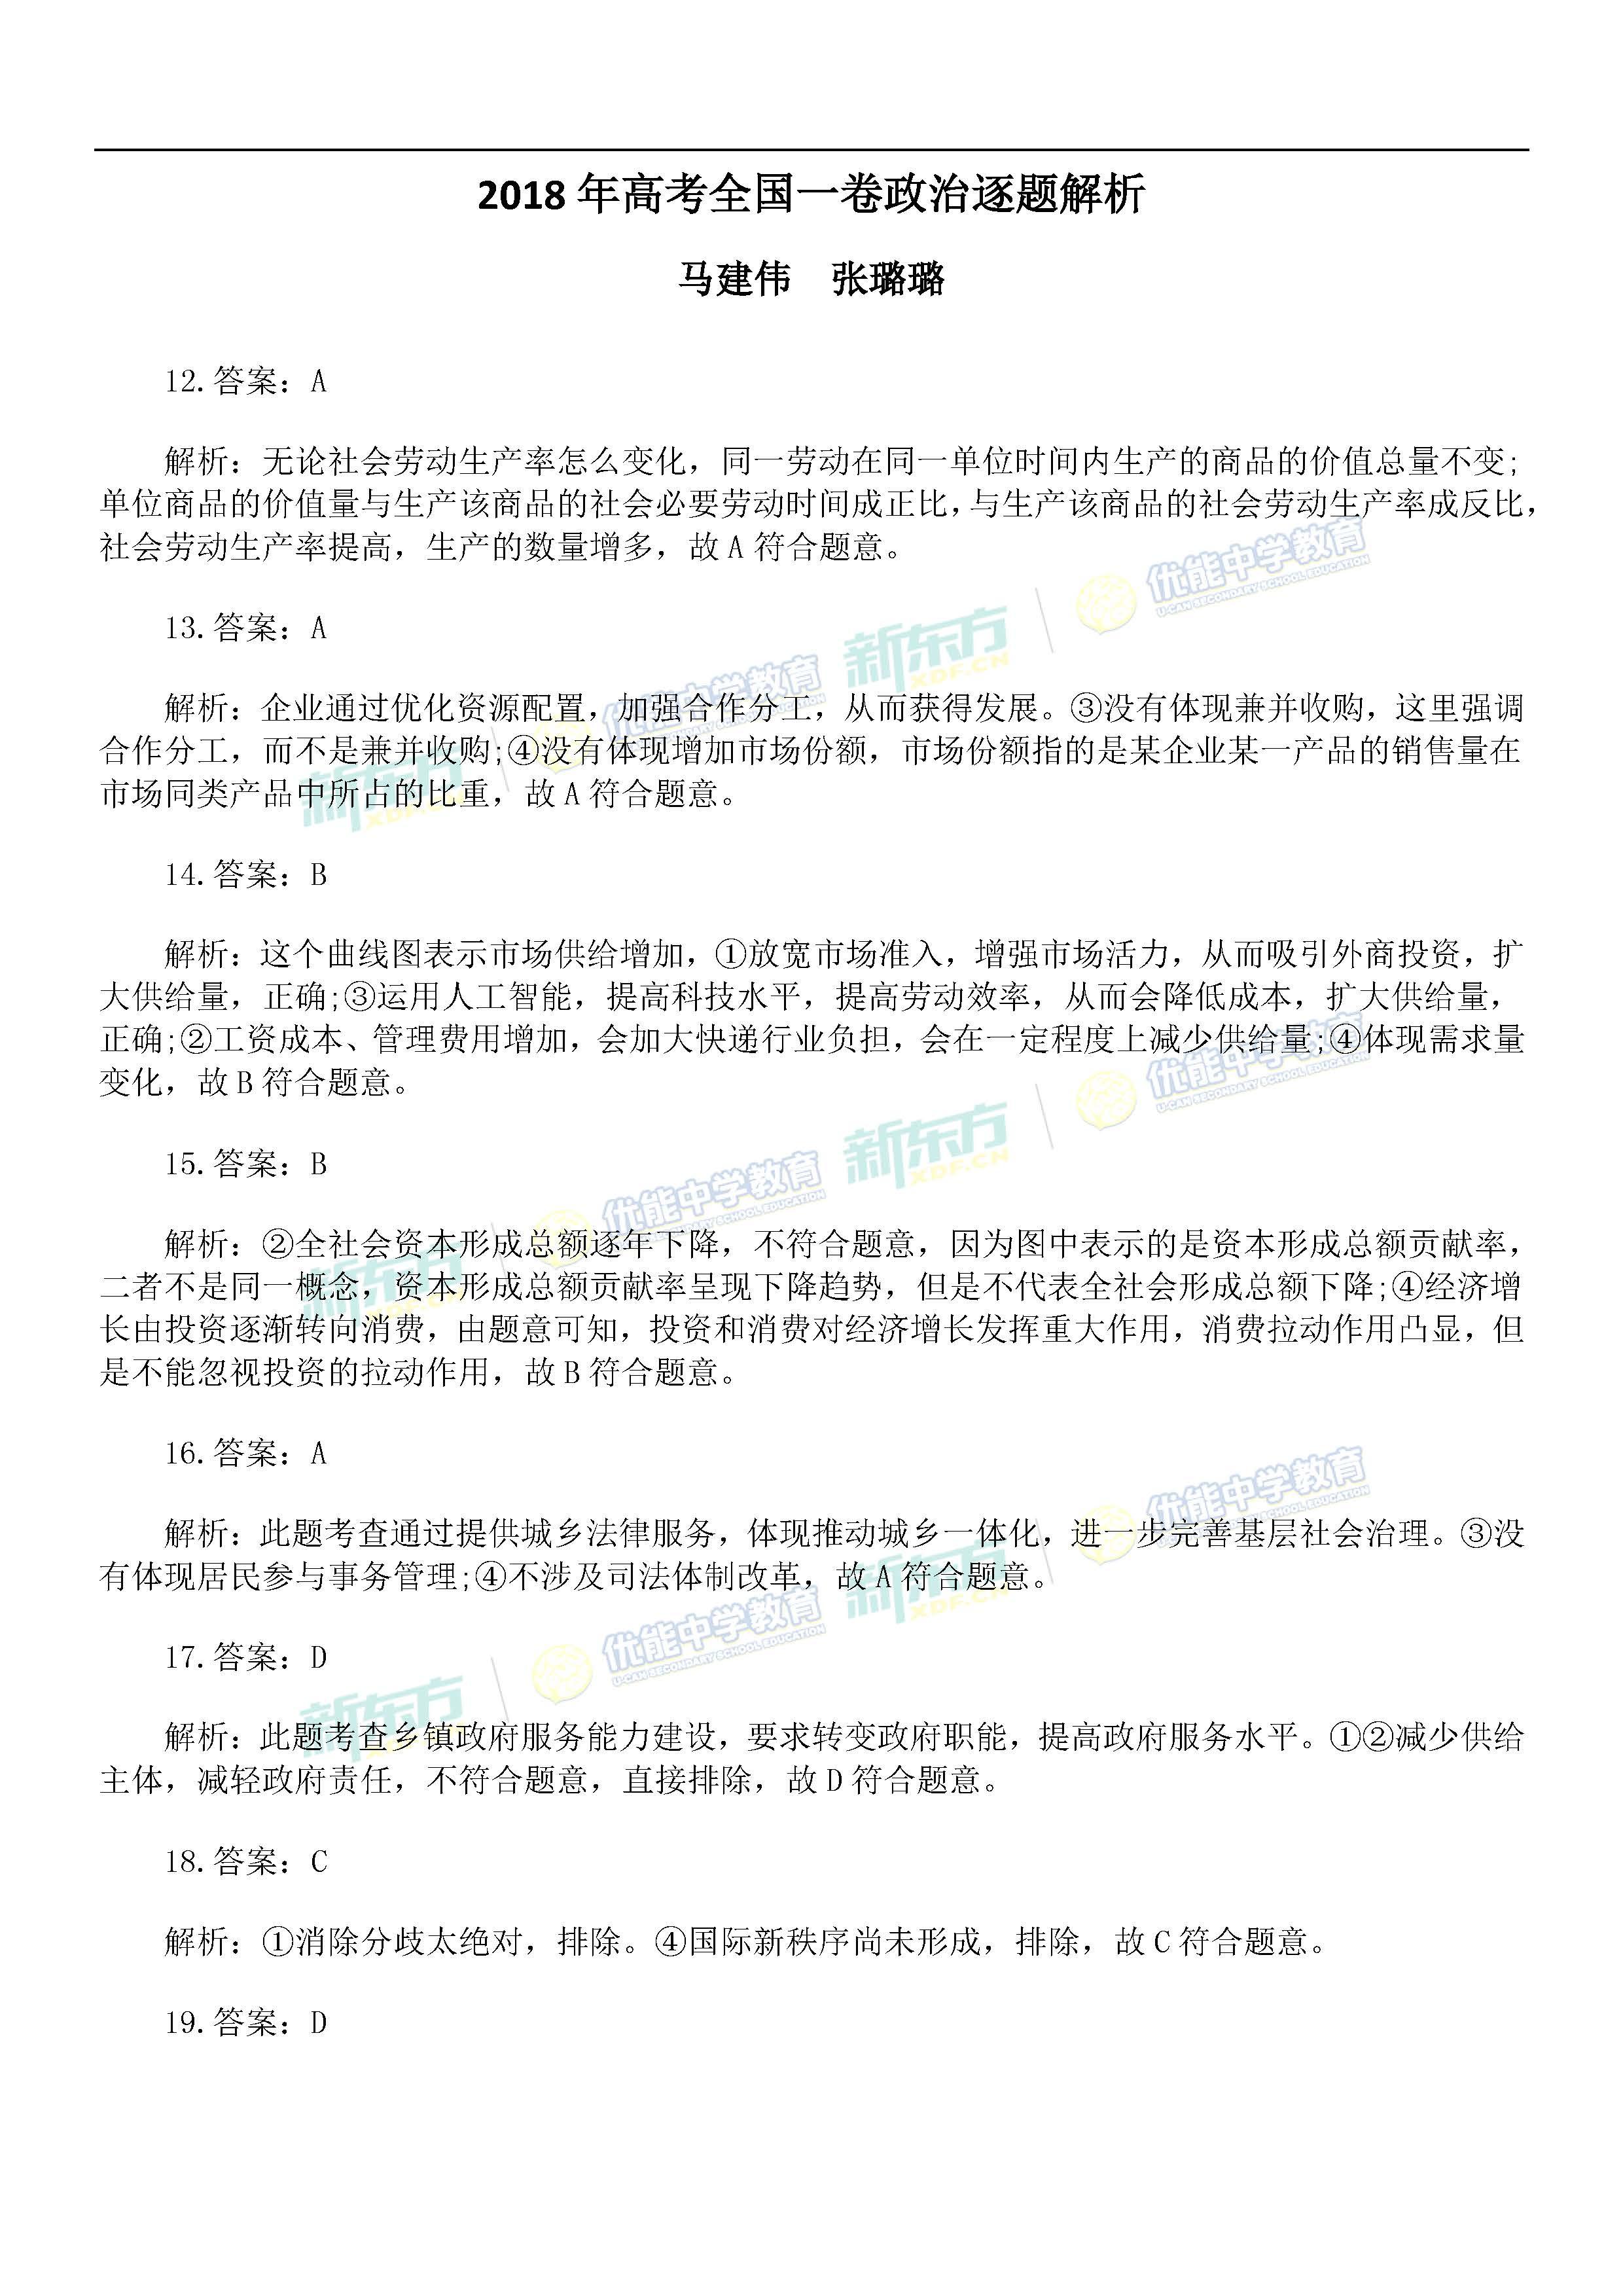 2018全国卷1高考政治试题逐题解析(石家庄新东方)